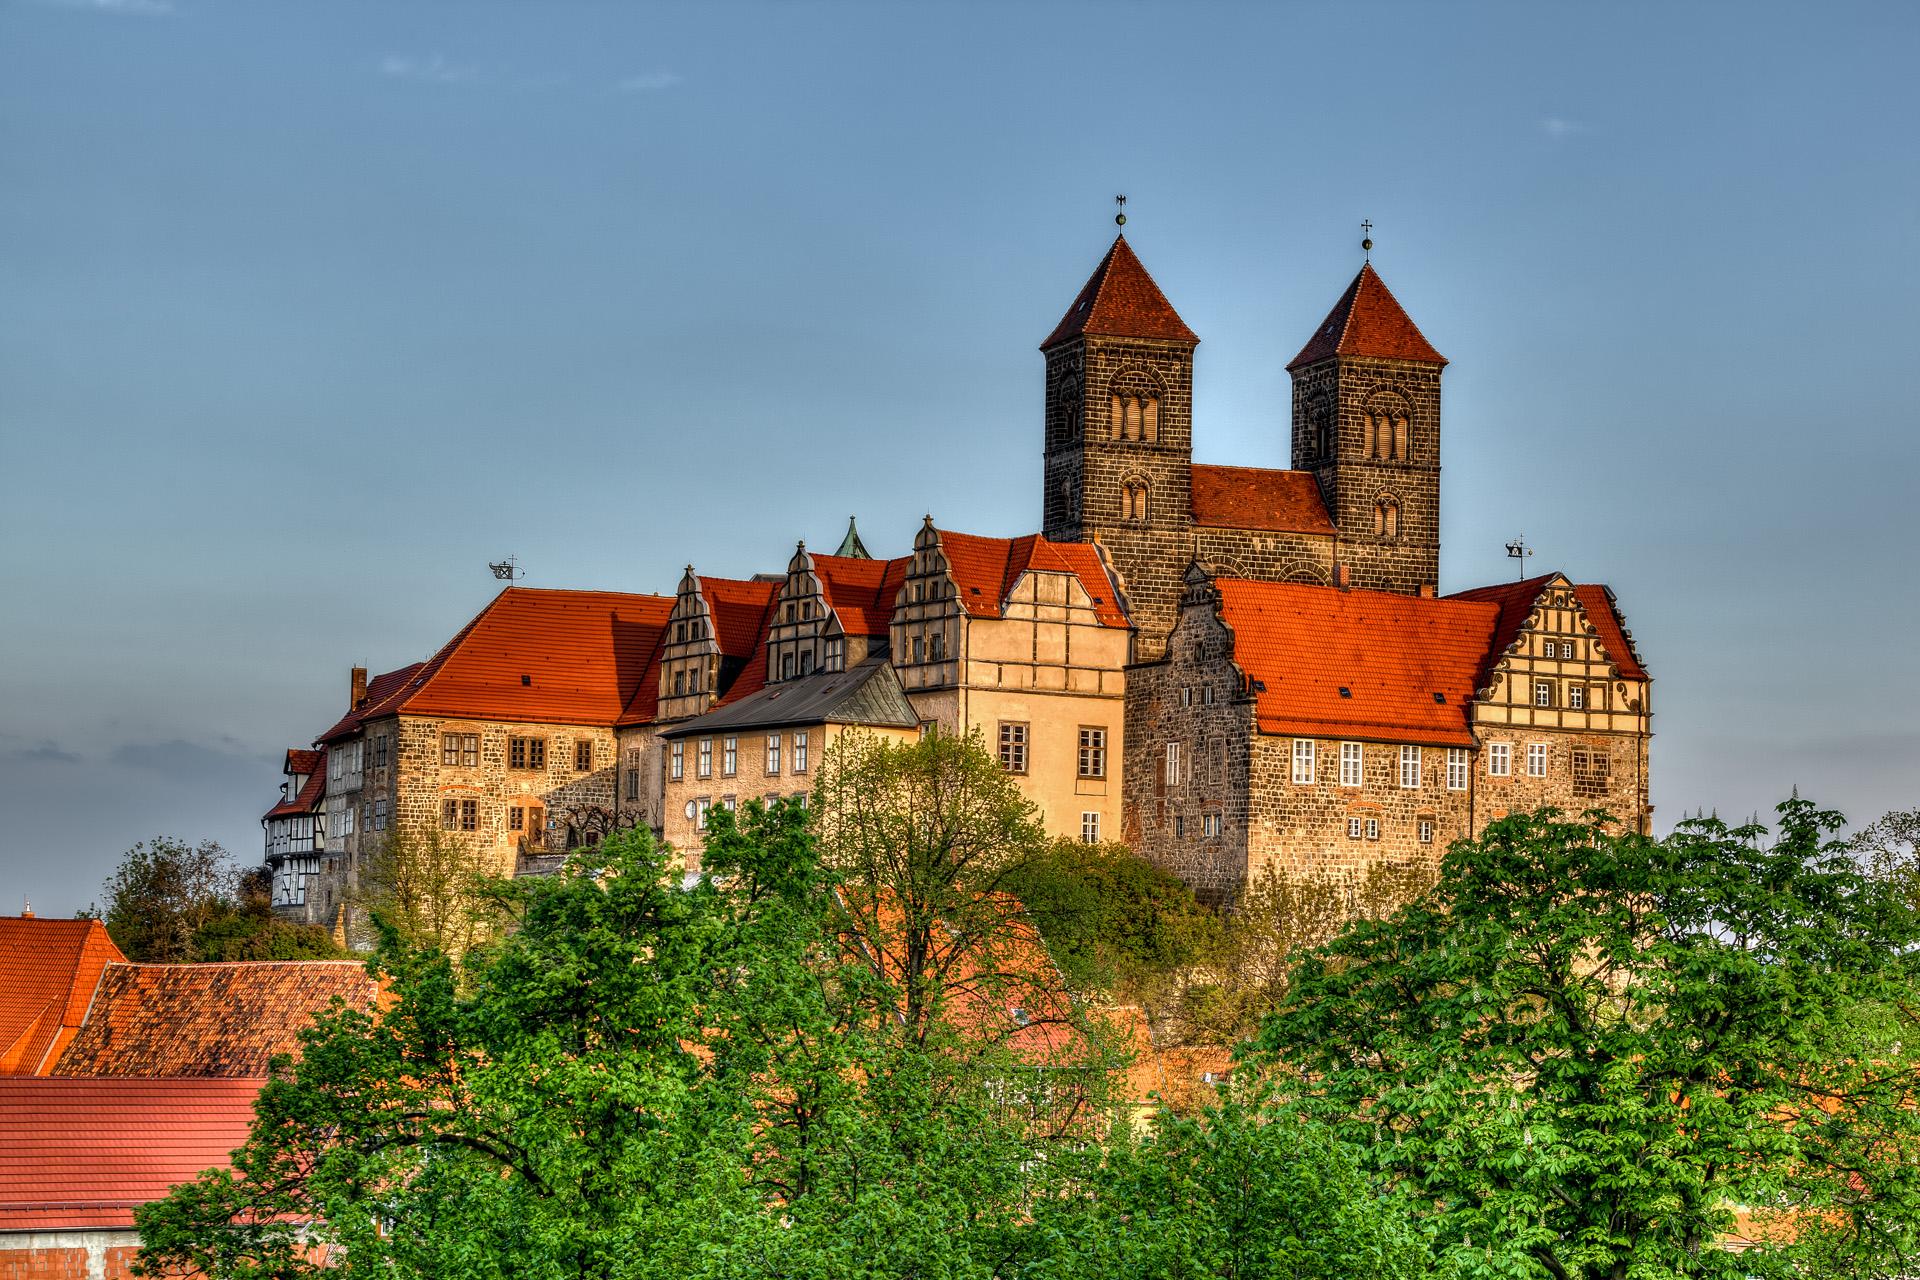 Welterbestadt Quedlinburg mit Blick zum Schloss Stiftskirche